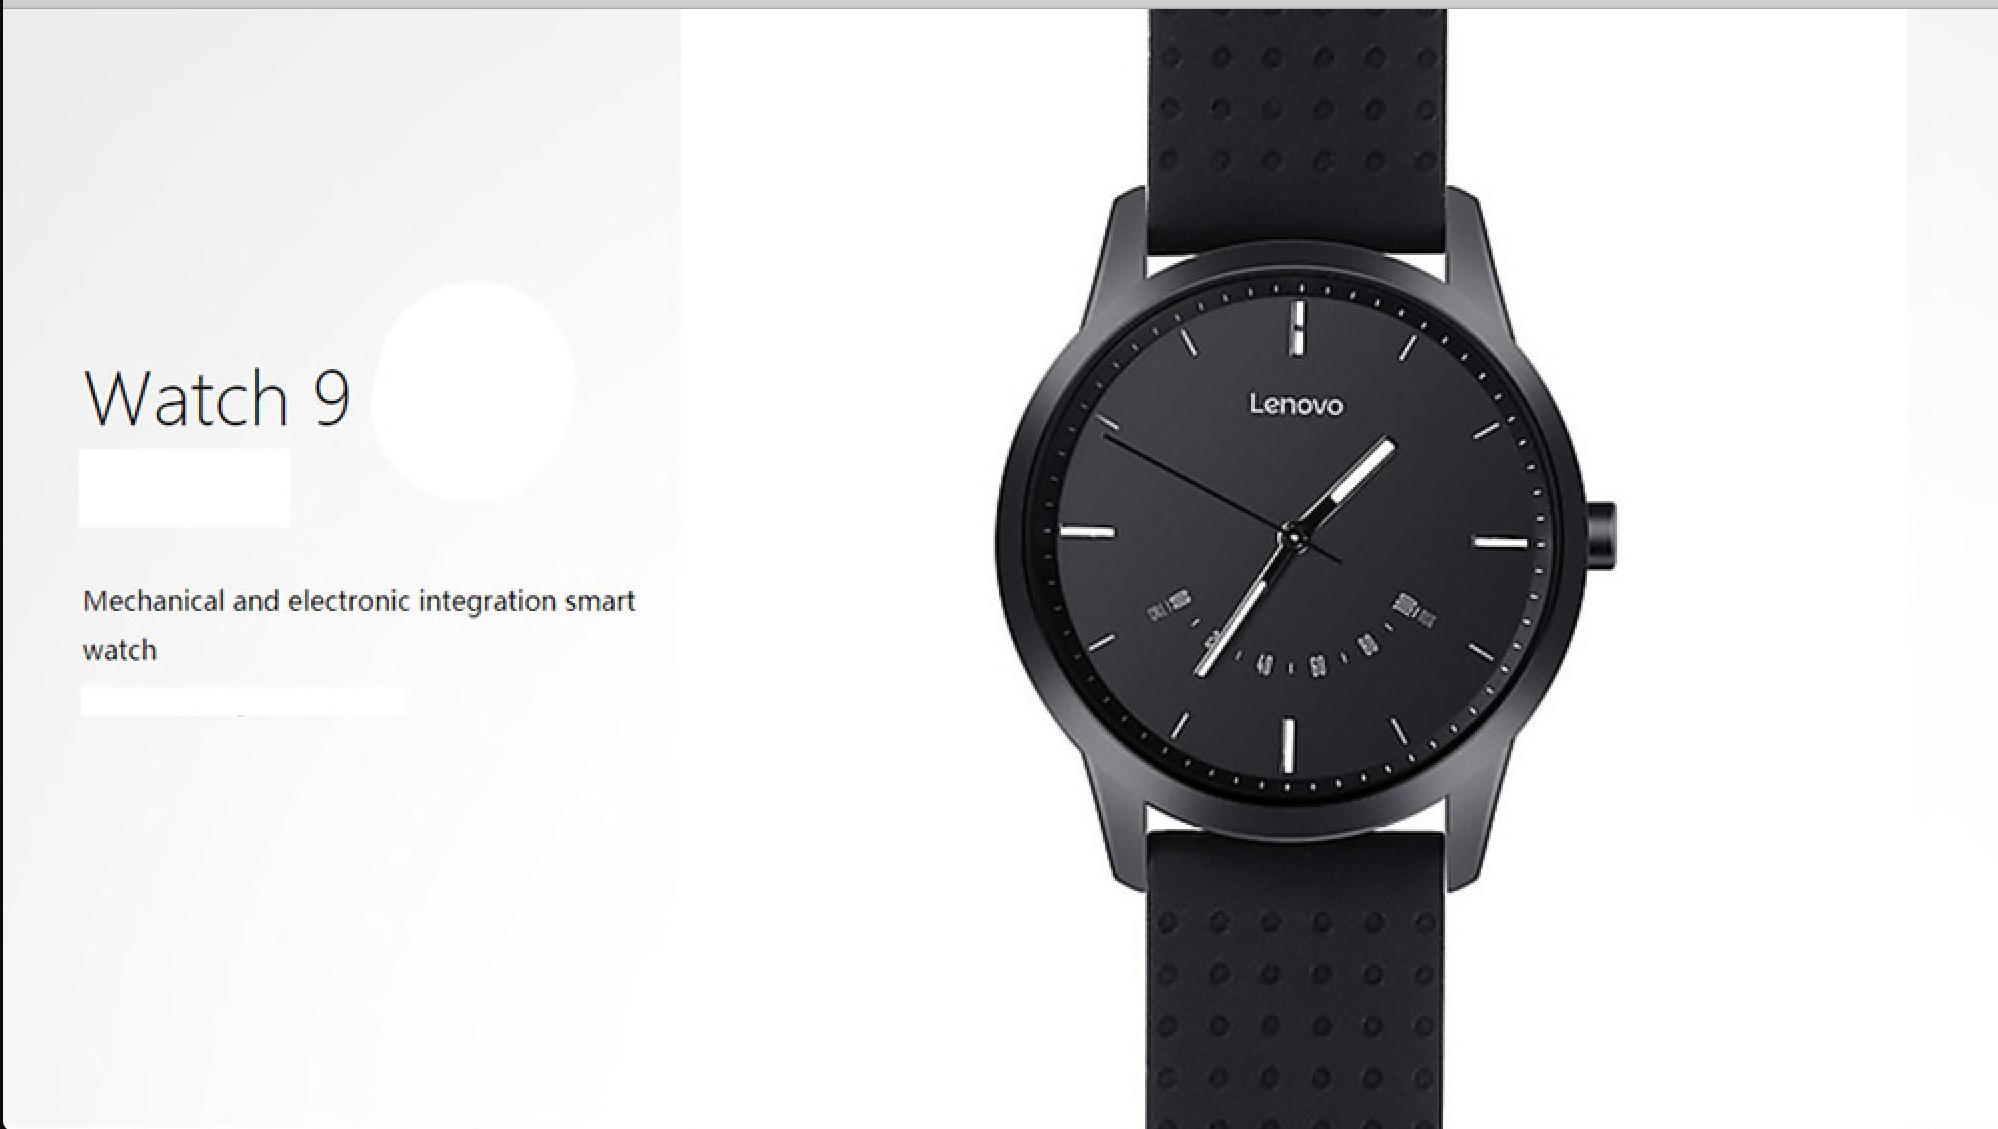 Gearbest: Nejlevnější chytré hodinky Lenovo Watch 9 ještě levněji, jen pro 10 z vás! [sponzorovaný článek]